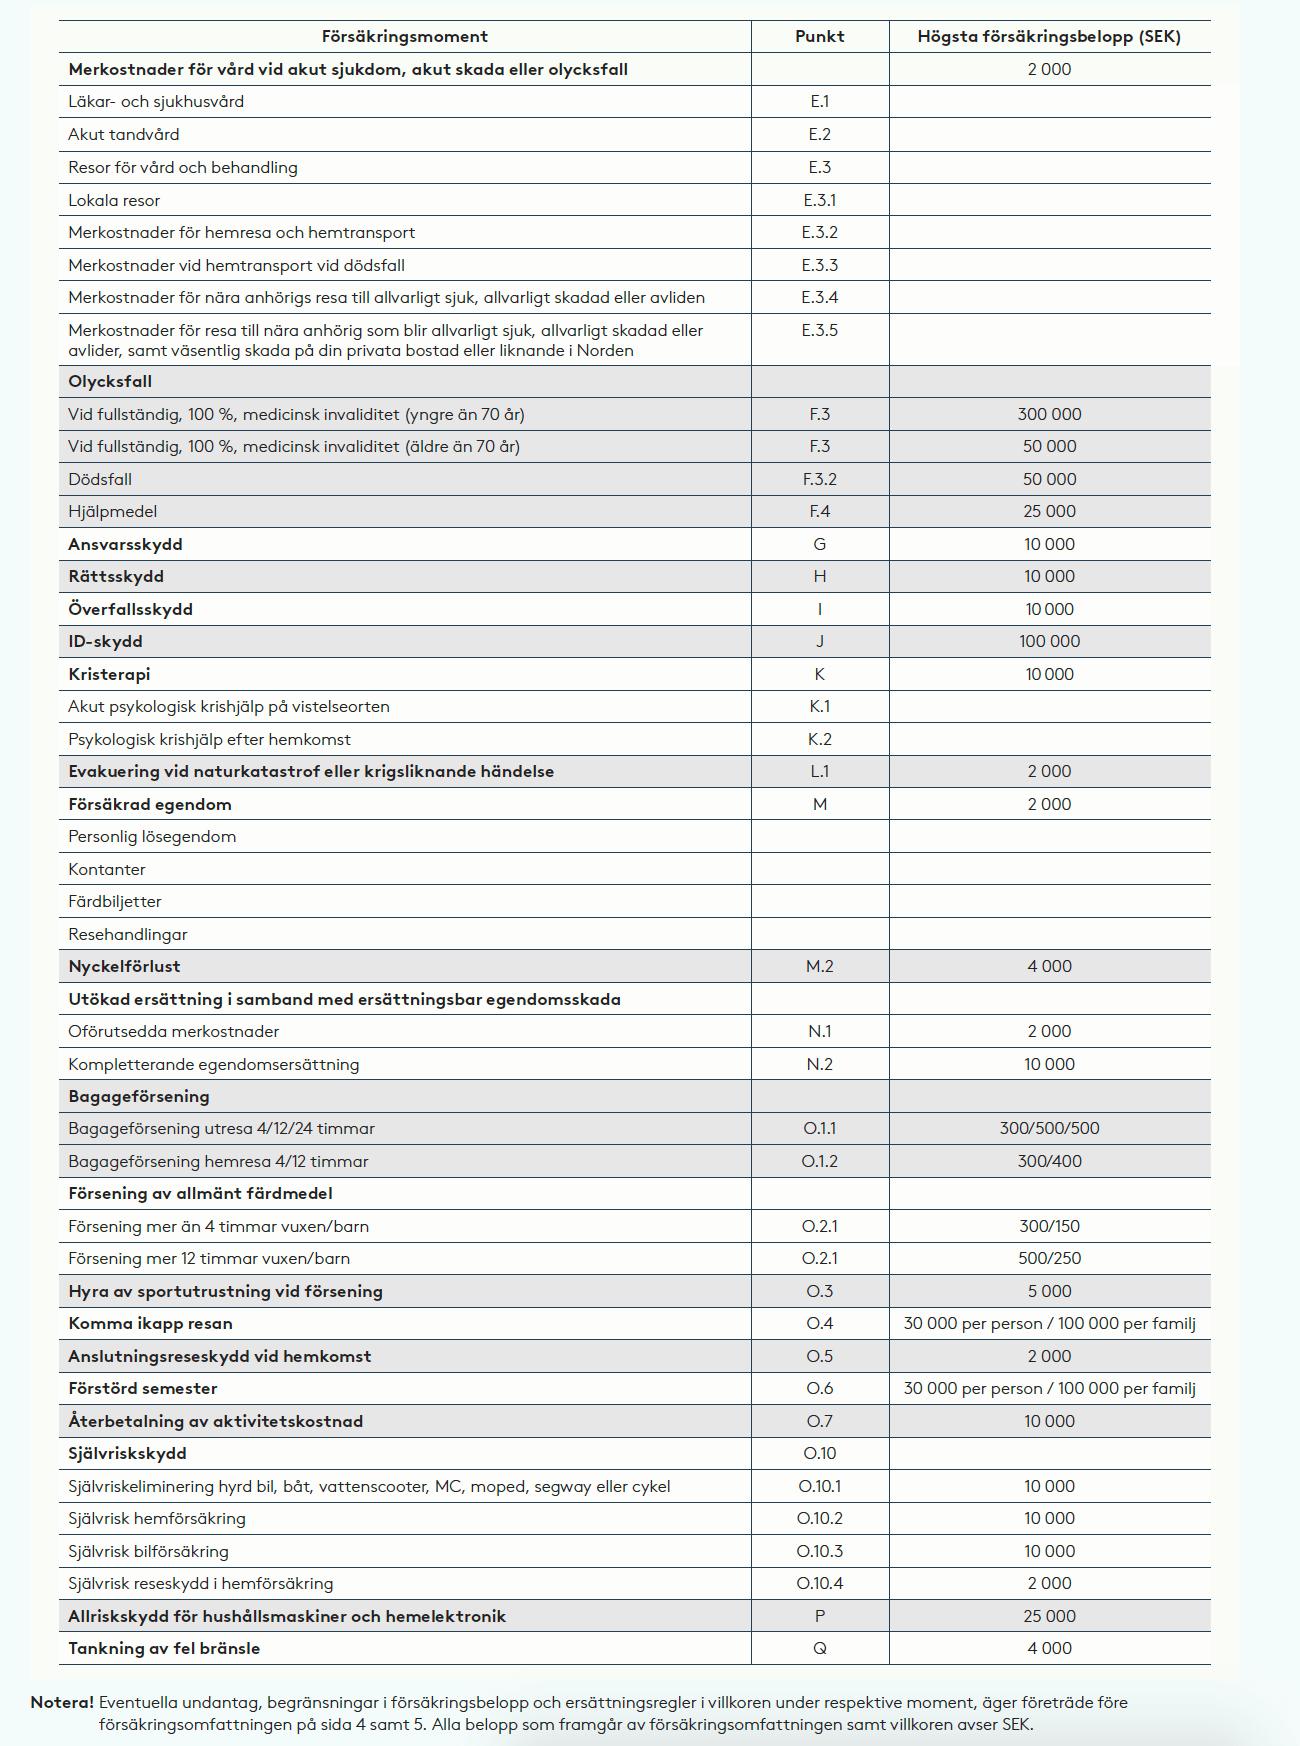 Komplett Mastercard försäkringsomfattning